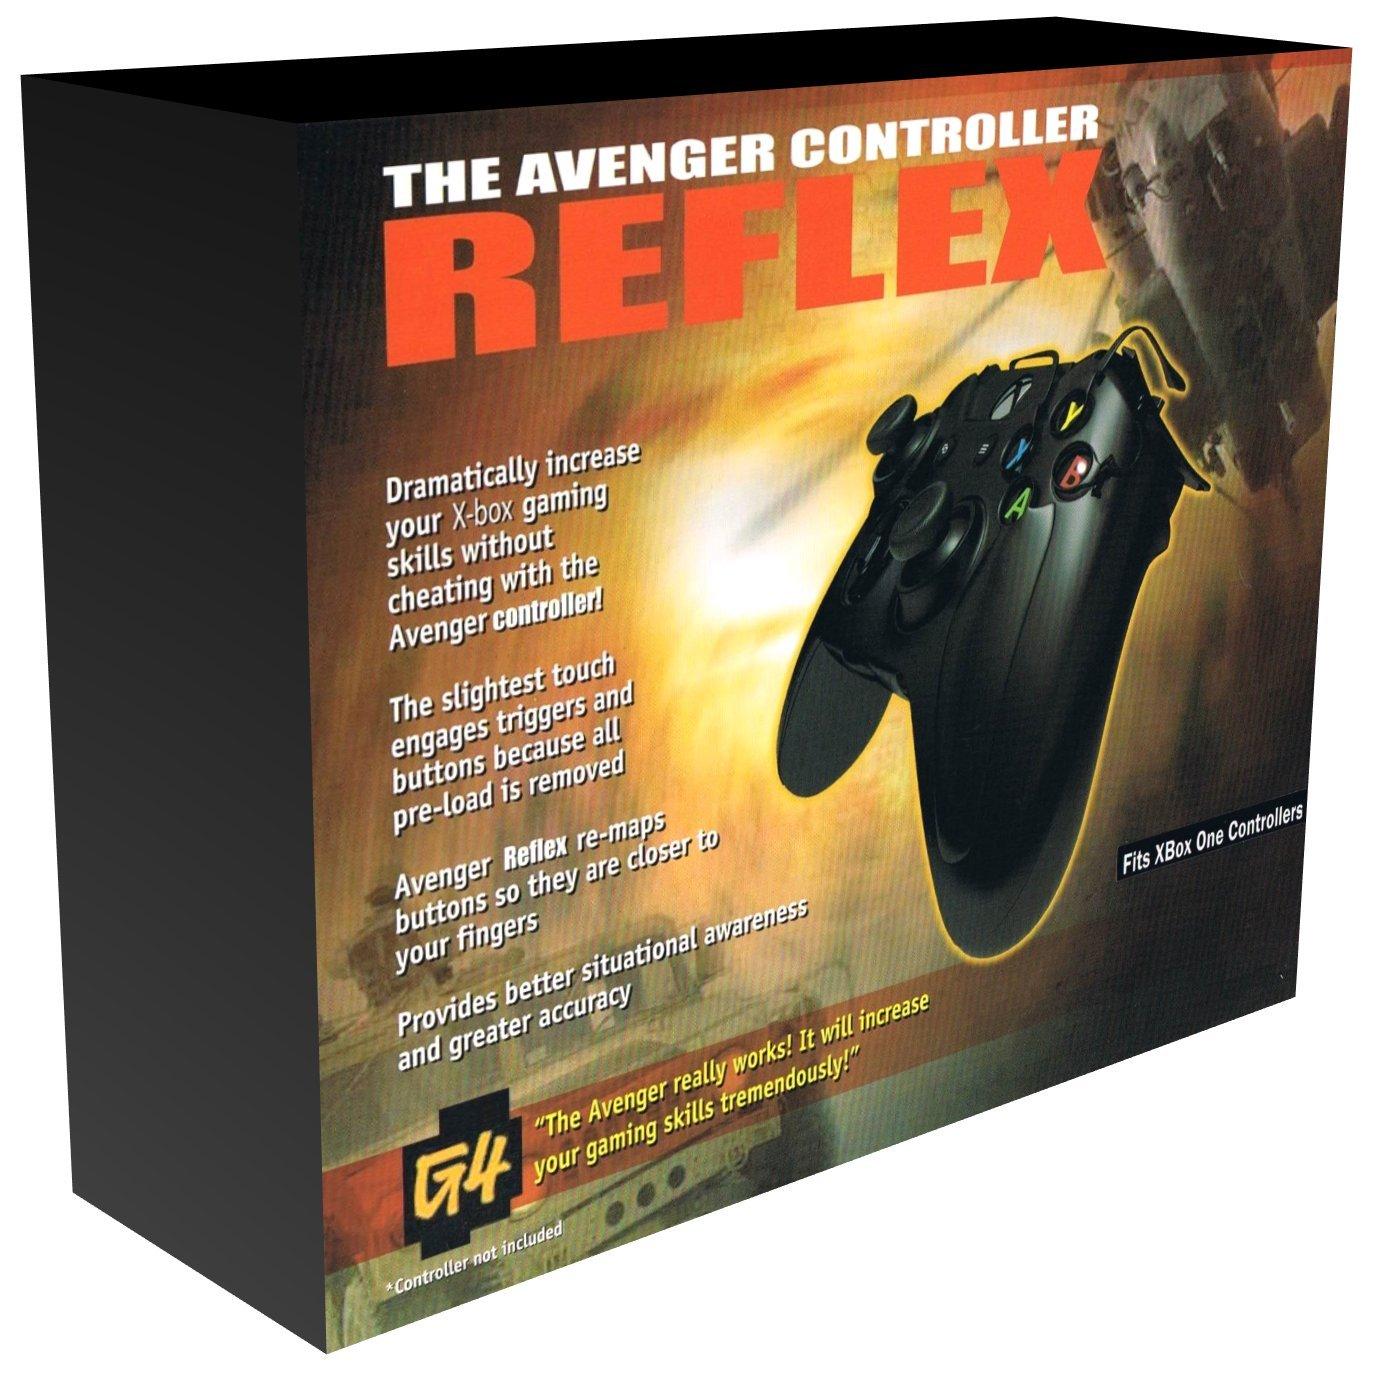 Xbox One Avenger Reflex Cheat-Controller-Erweiterung 2018, nicht für Xbox  One S (Aufsatz ohne Controller): Amazon.de: Games